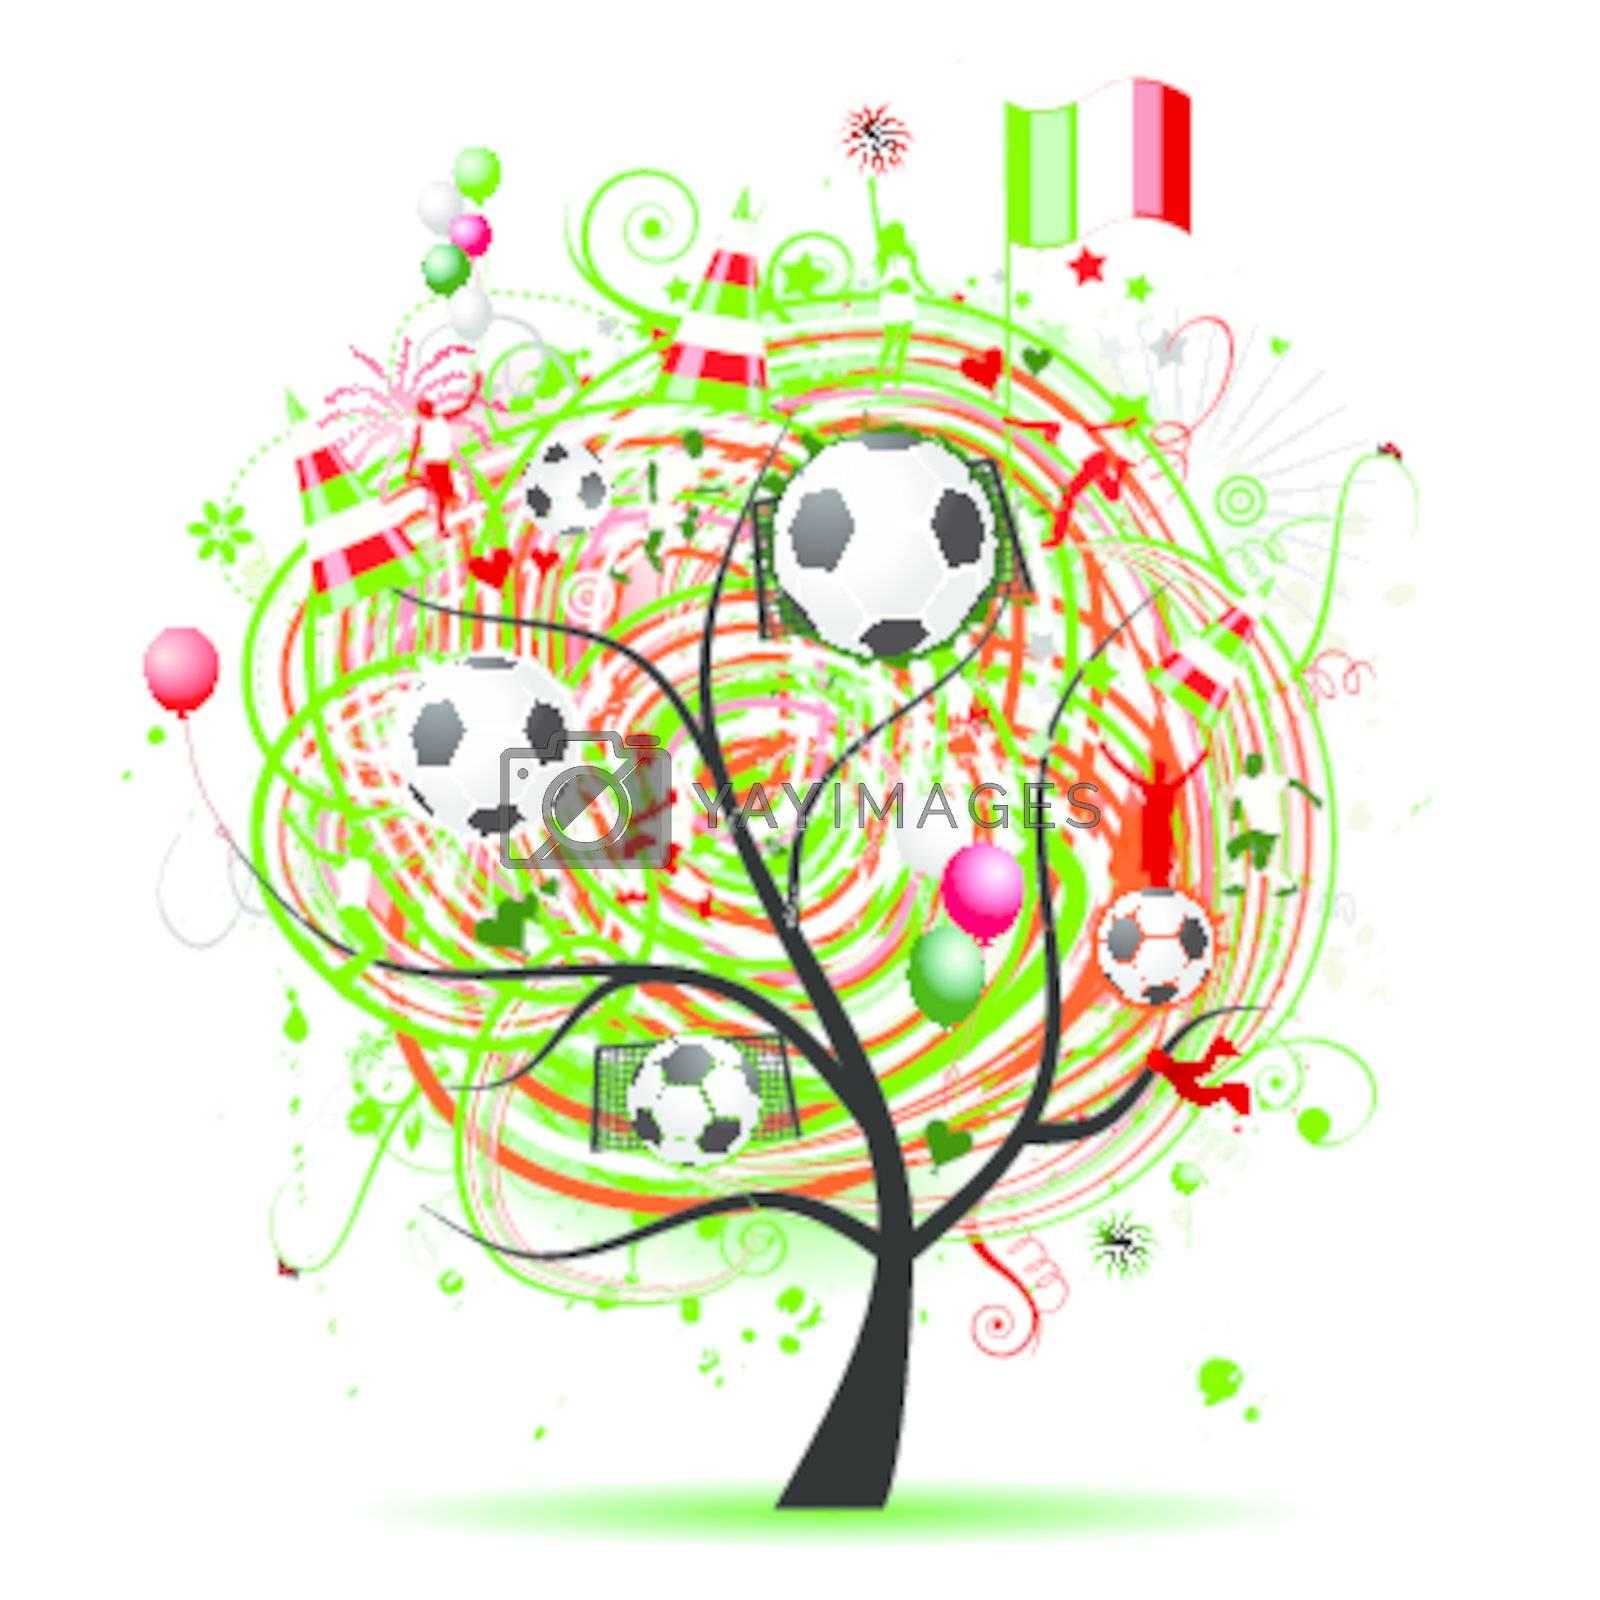 Royalty free image of Football tree design, Mexican flag by Kudryashka